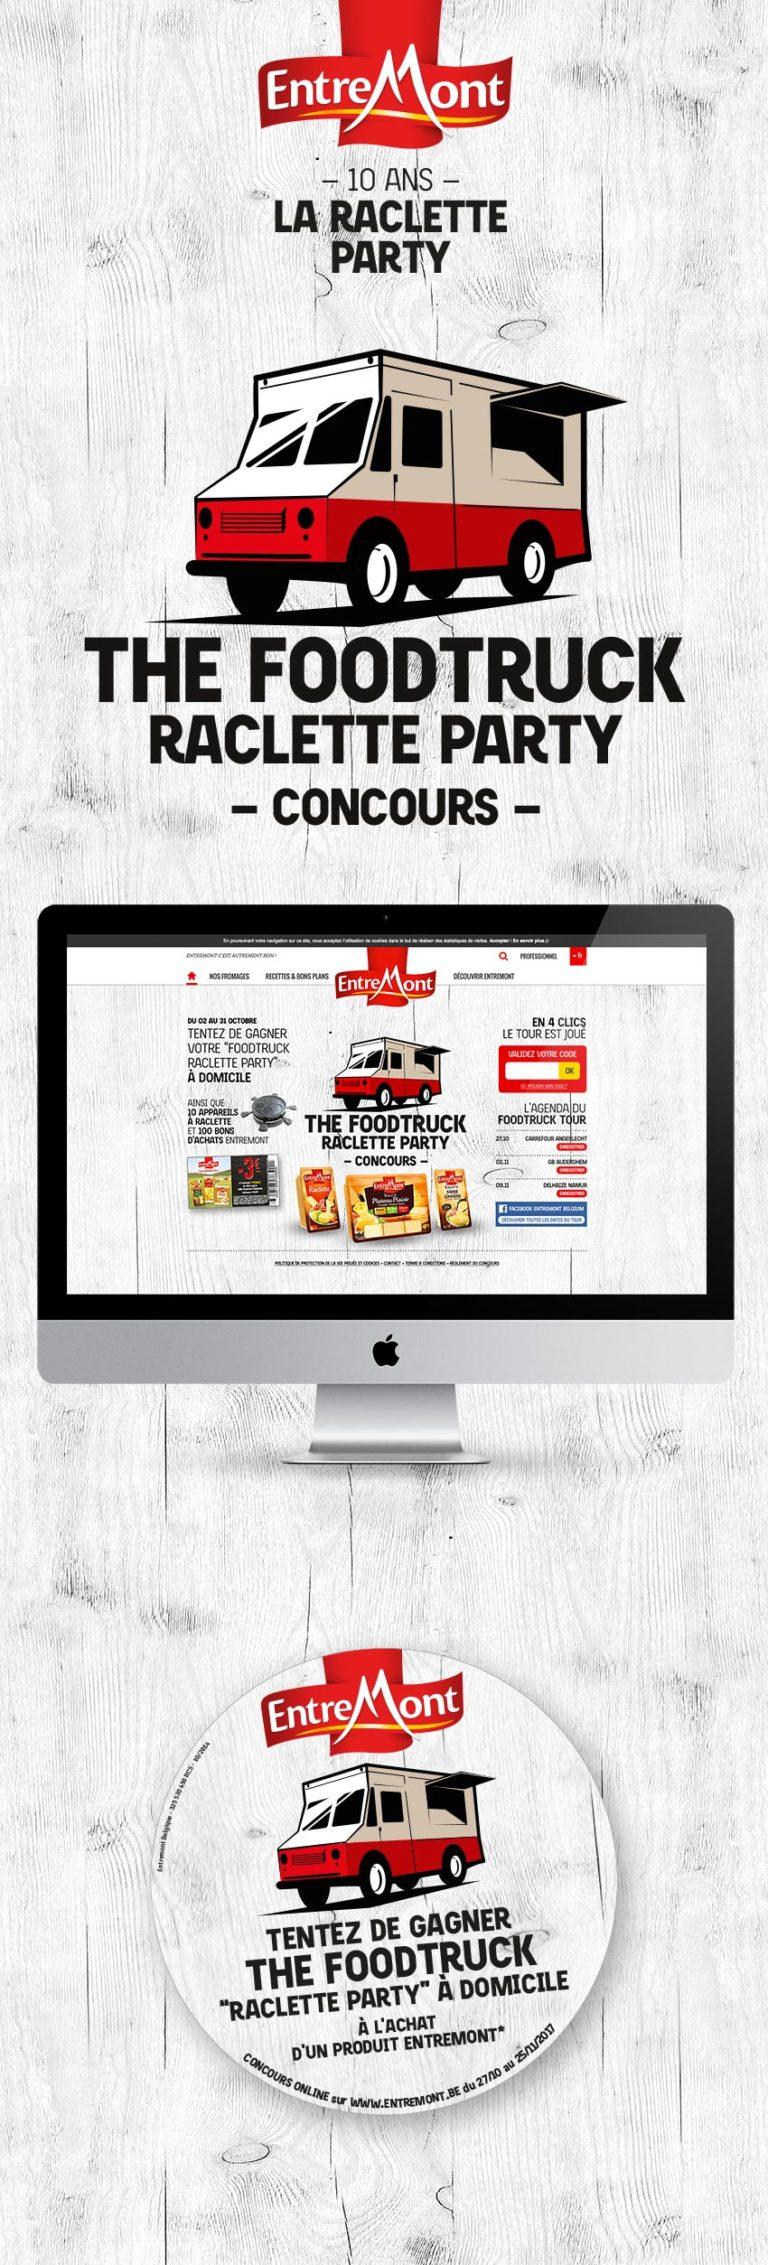 Entremont Raclette Party Campaign 2017